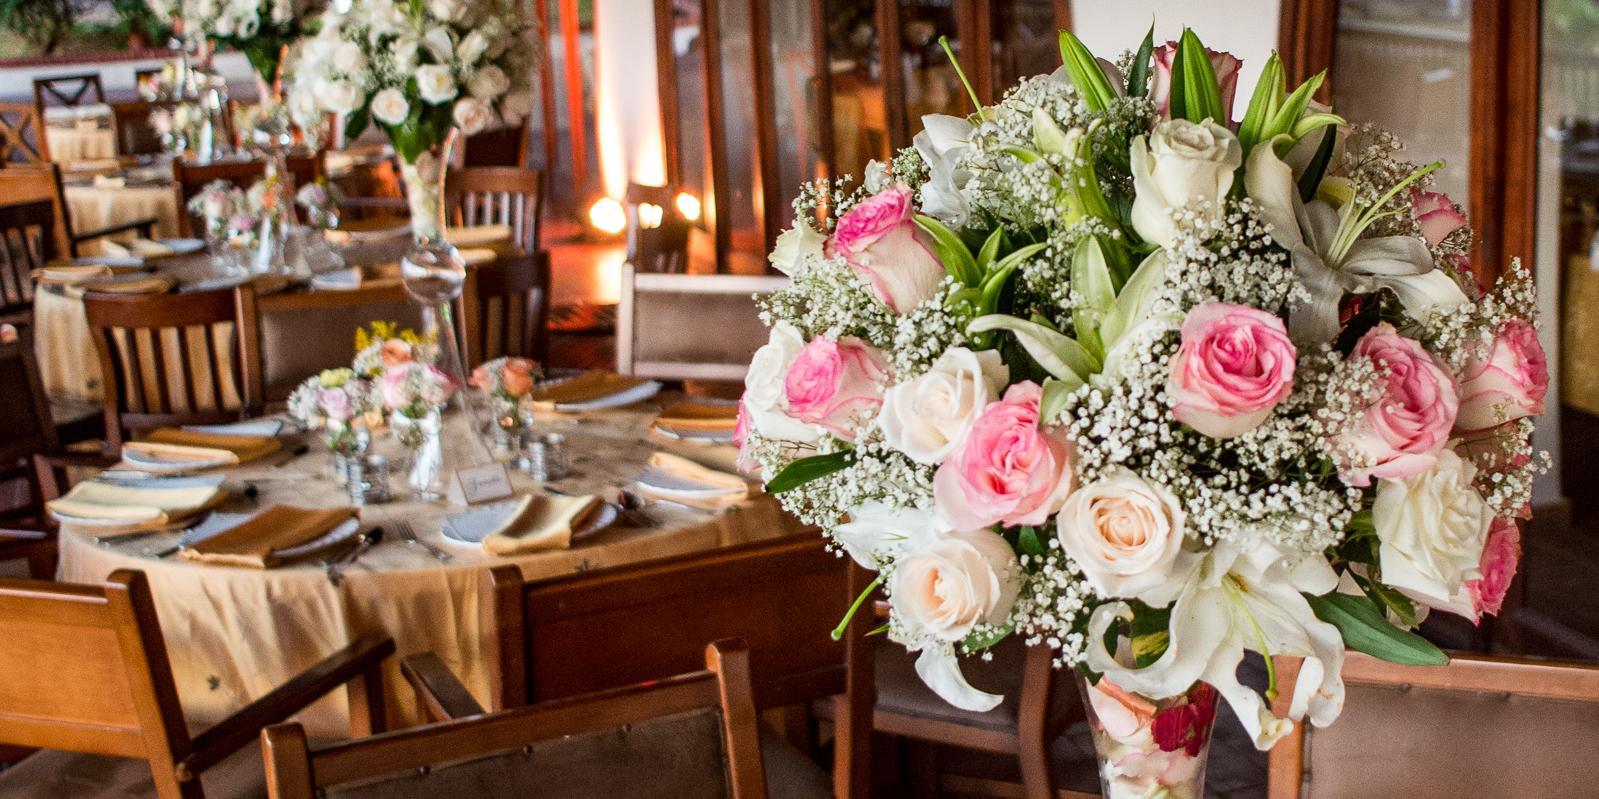 bodas-estilo-libre-sin-tema-cuba-8261.jpg